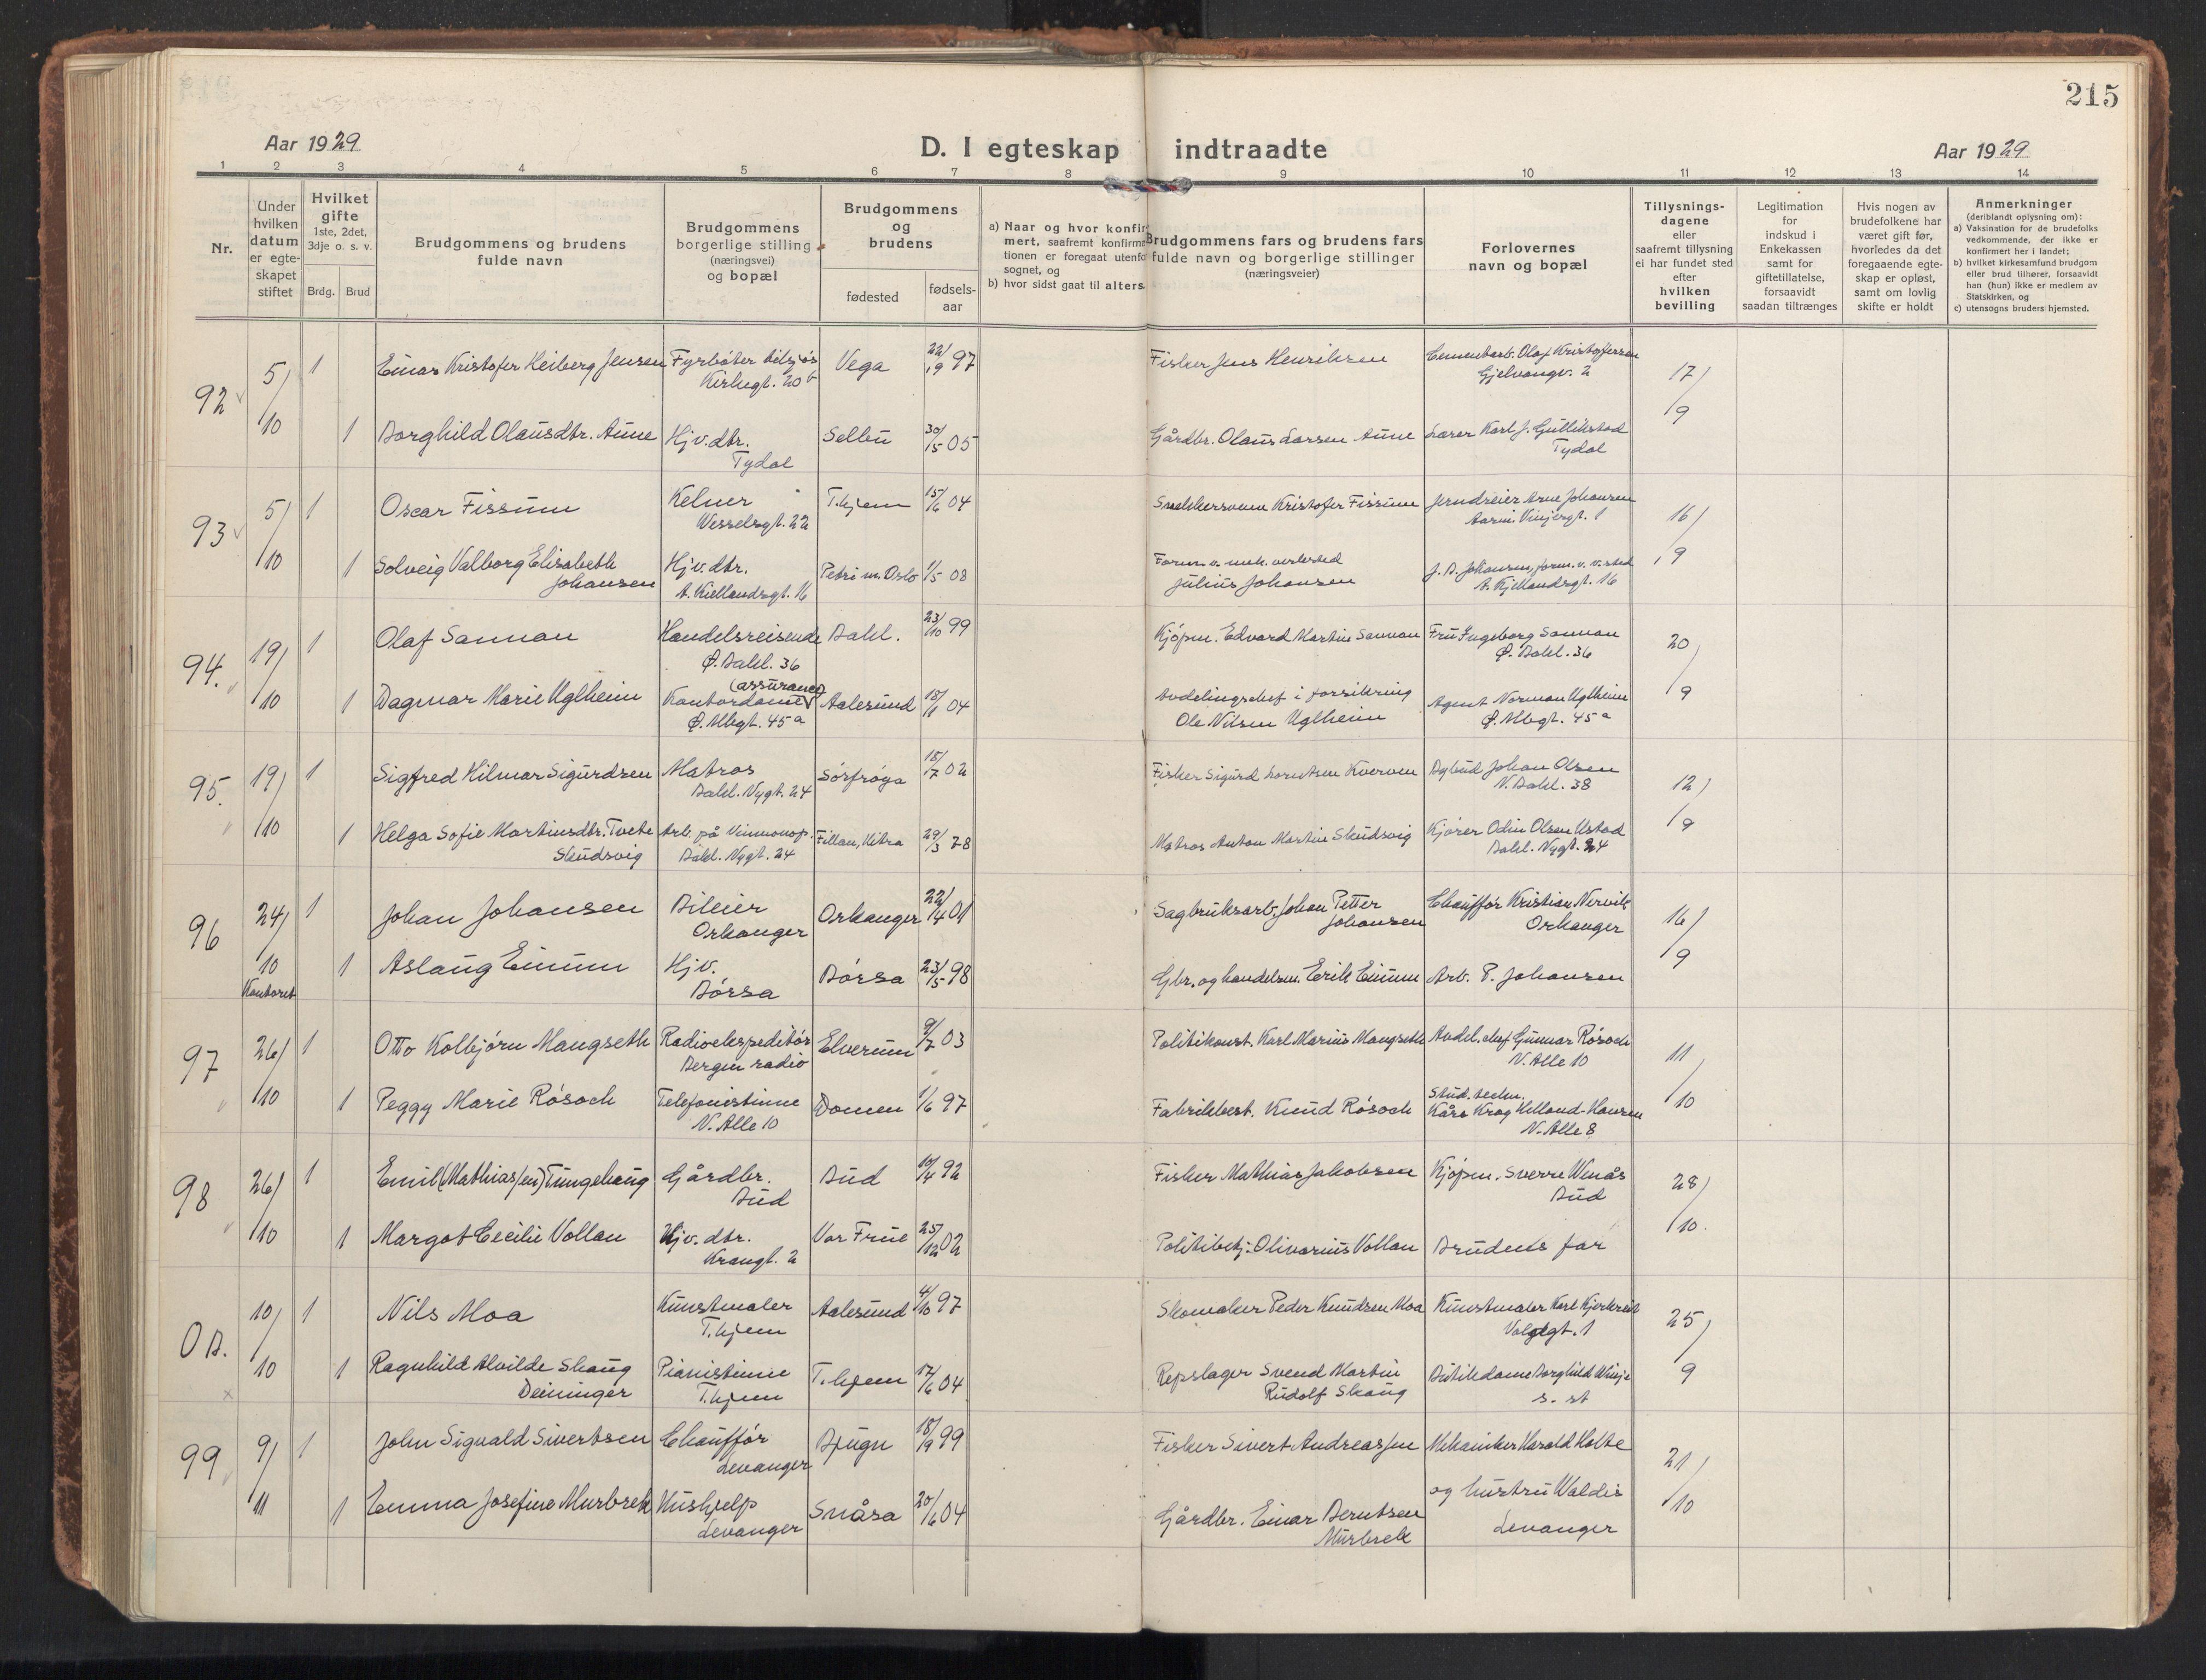 SAT, Ministerialprotokoller, klokkerbøker og fødselsregistre - Sør-Trøndelag, 604/L0206: Ministerialbok nr. 604A26, 1917-1931, s. 215